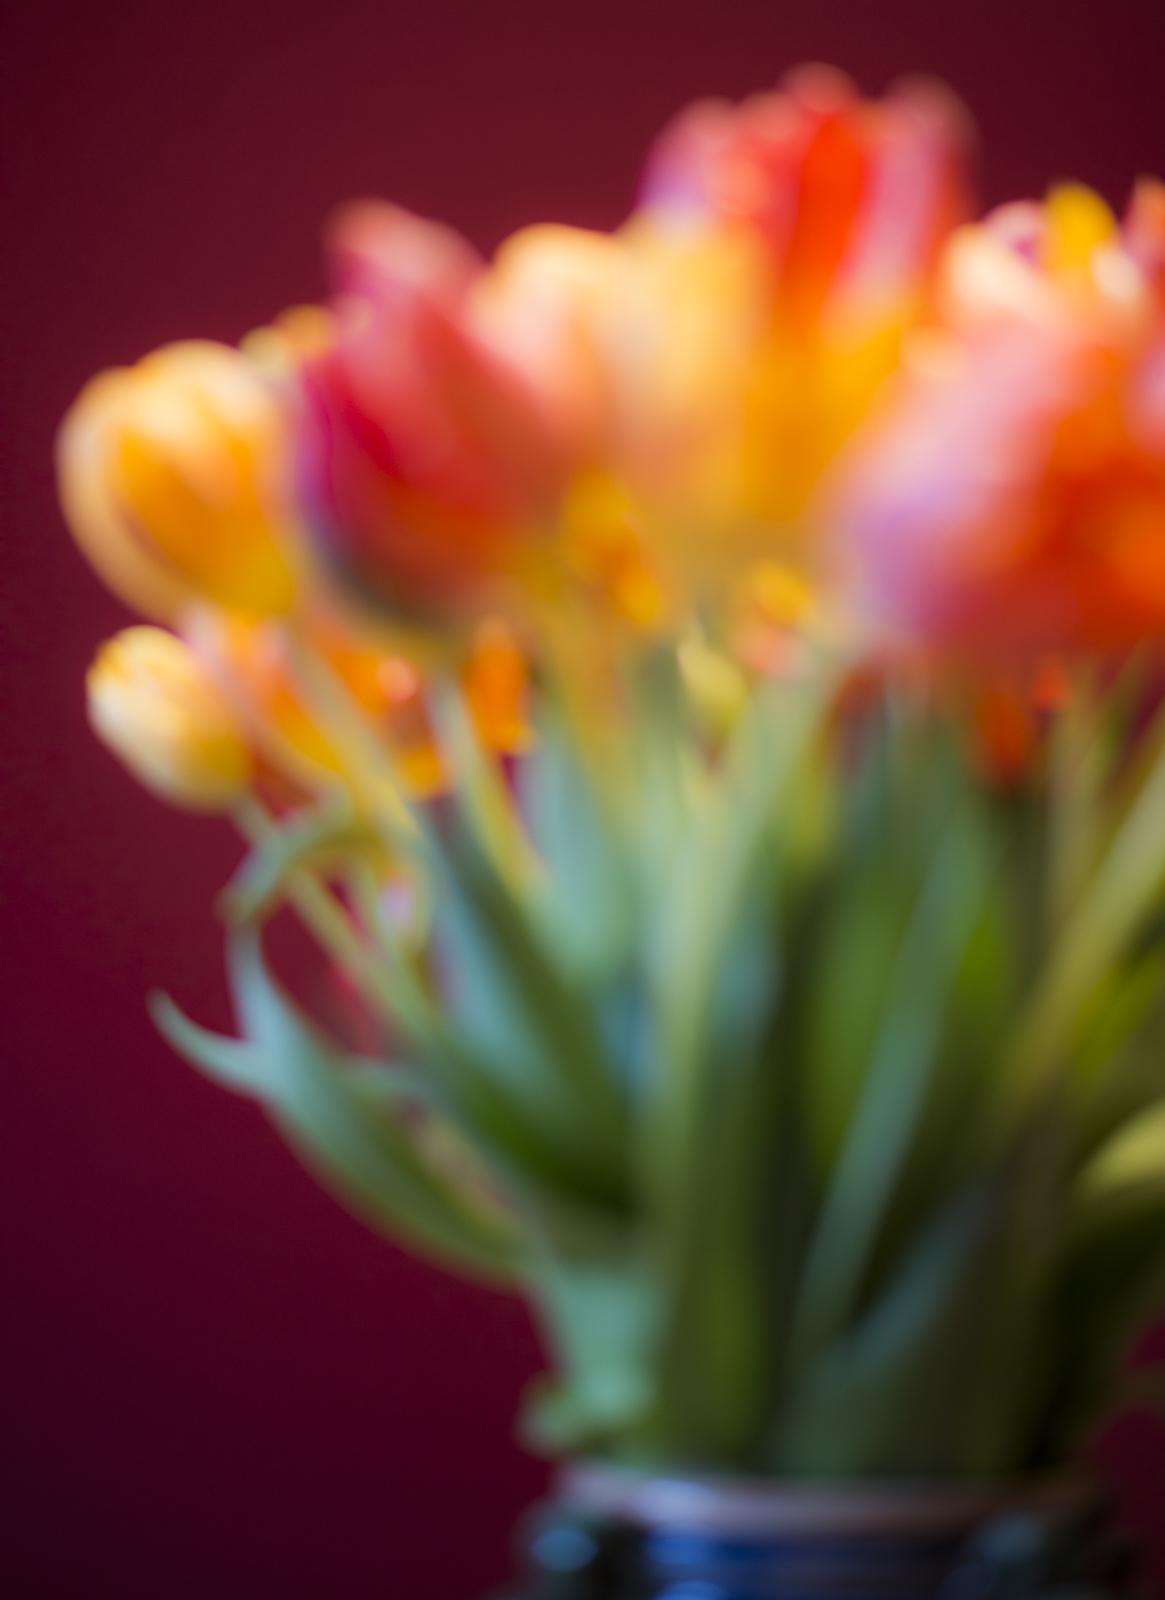 Tulips, defocused